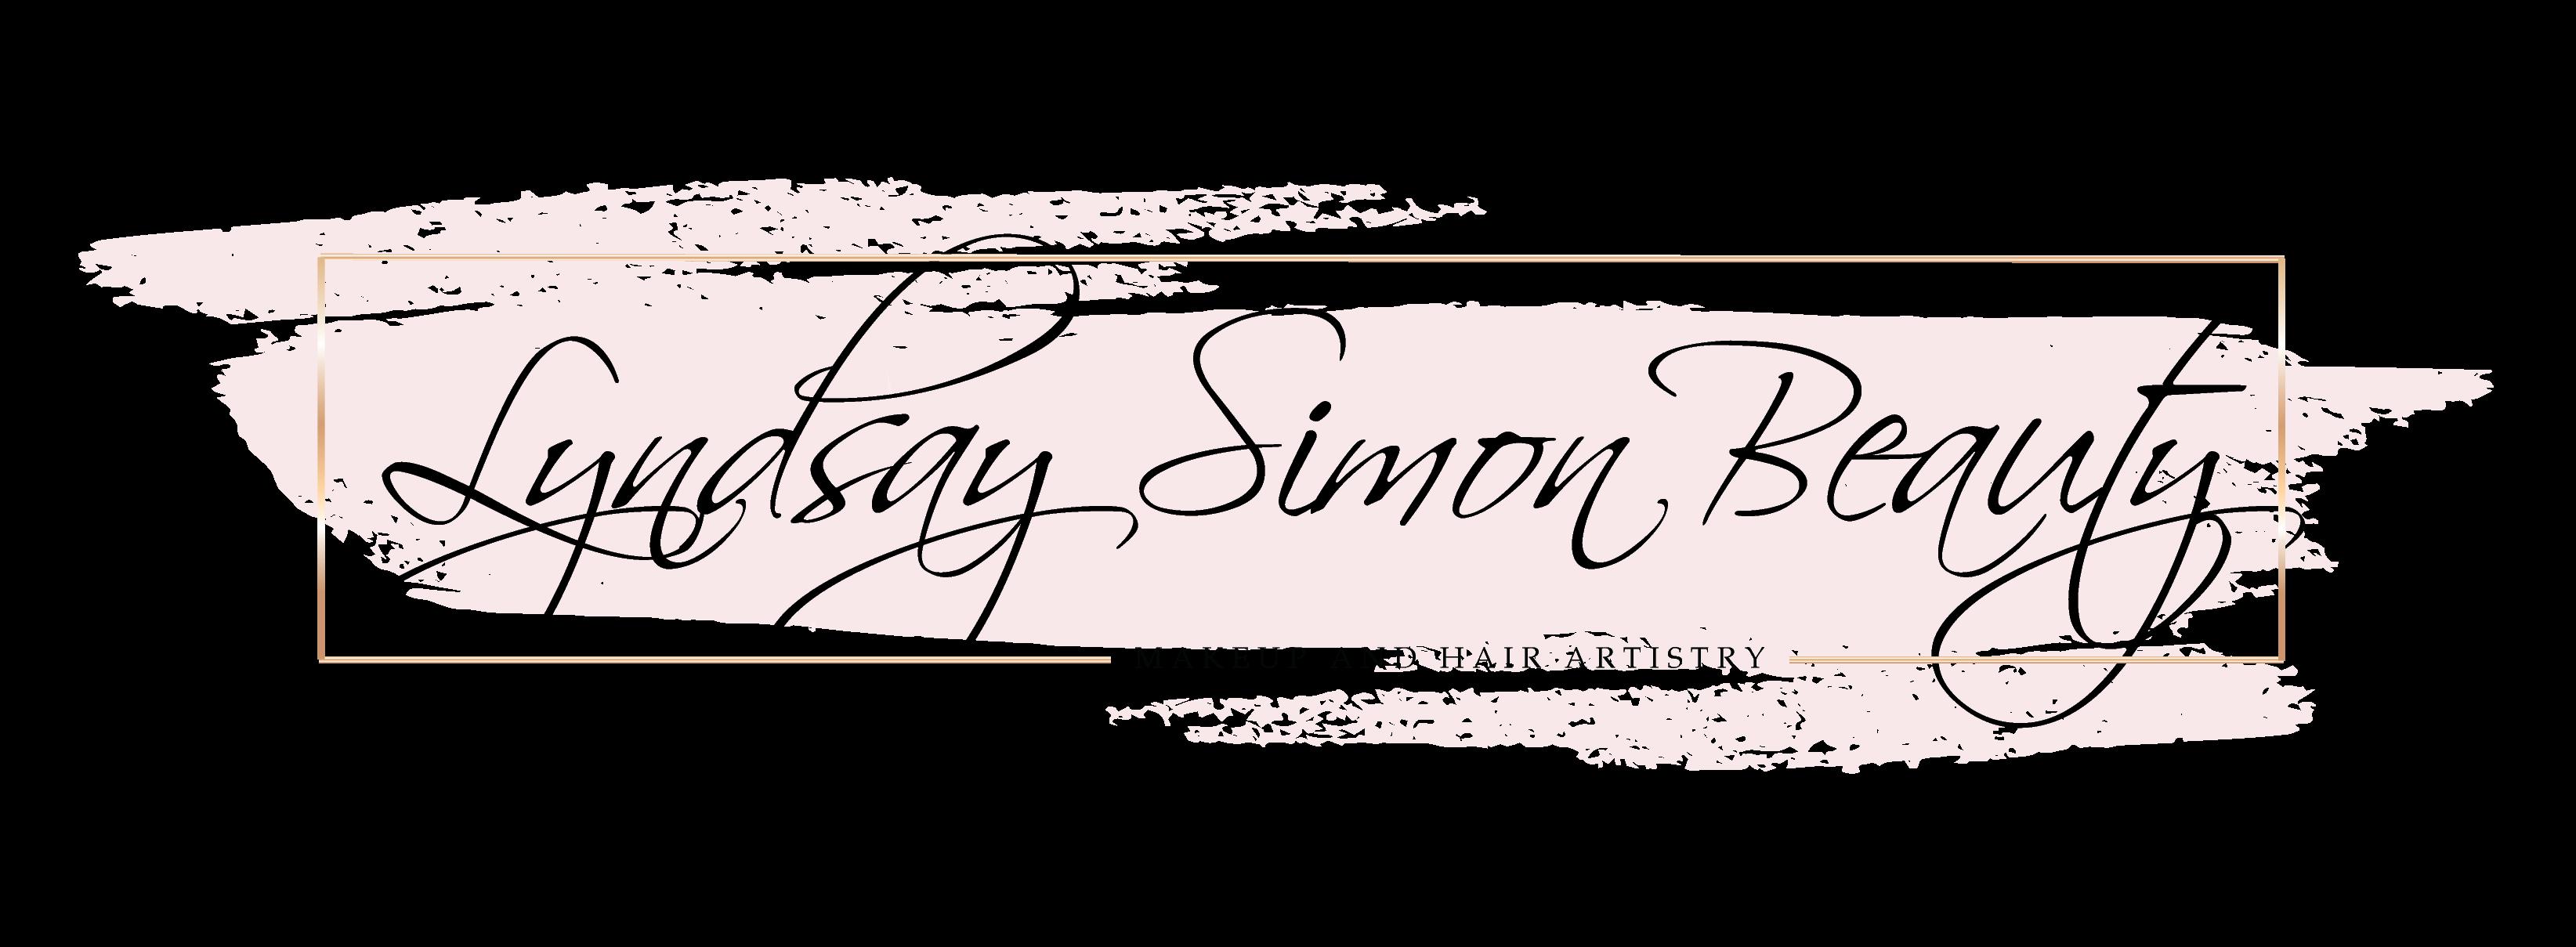 Lyndsay Simon Beauty